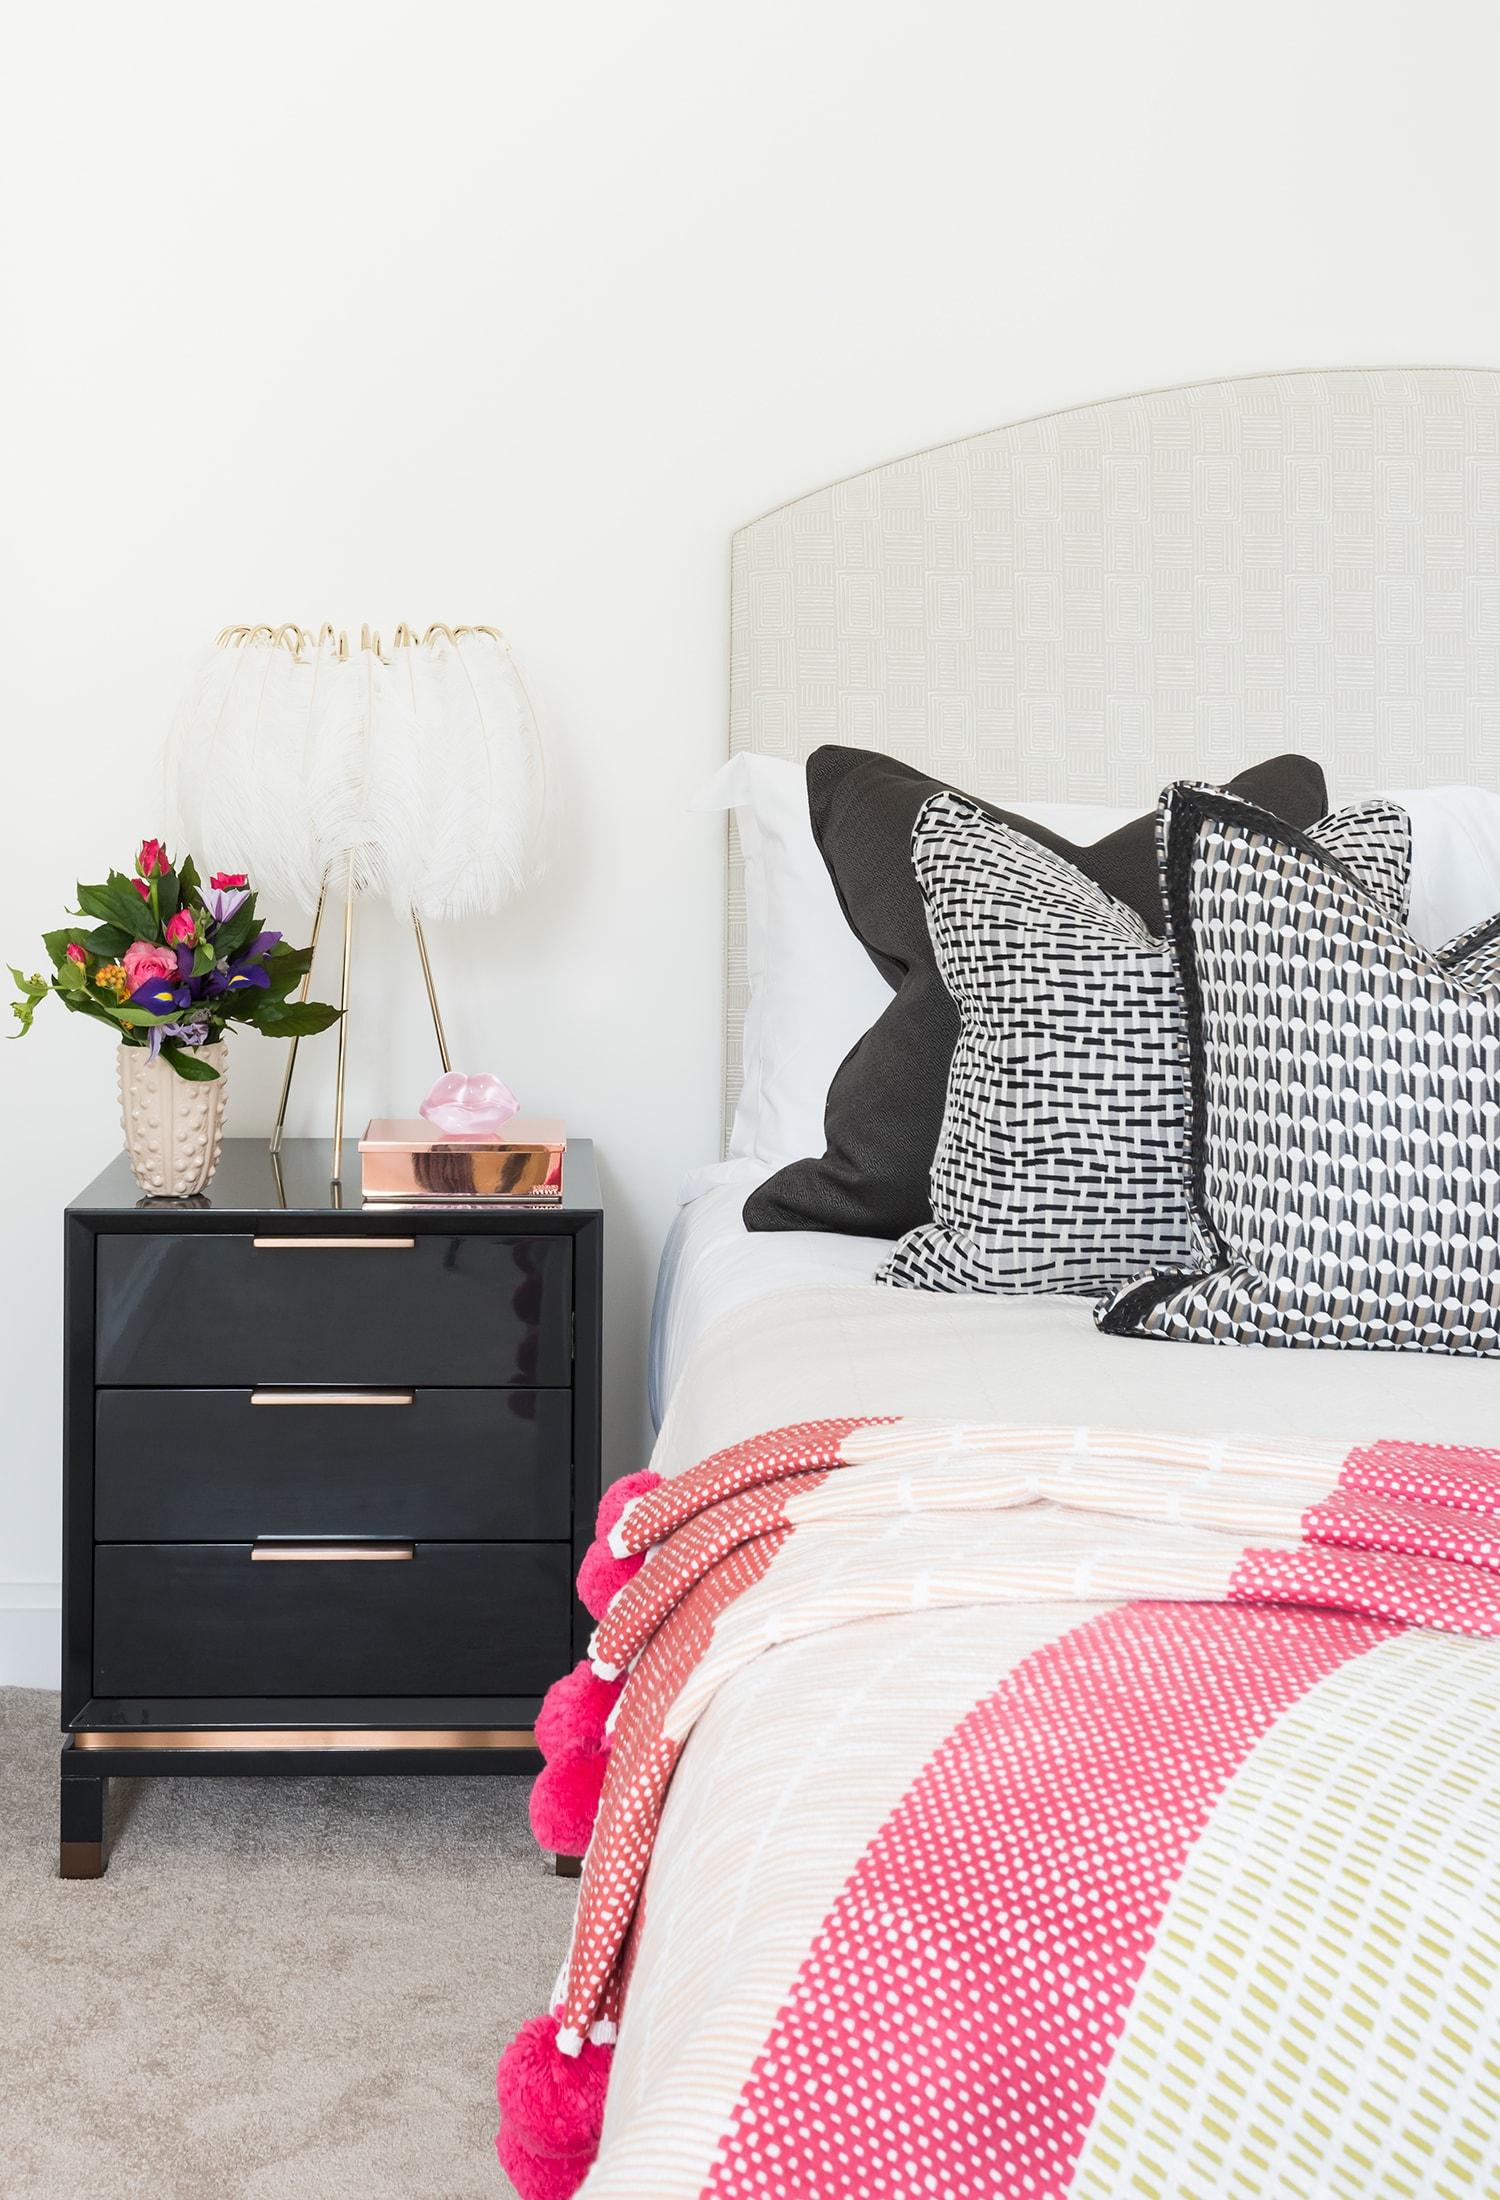 A.LONDON_Ashchurch_Villas_Bedroom_20.jpg